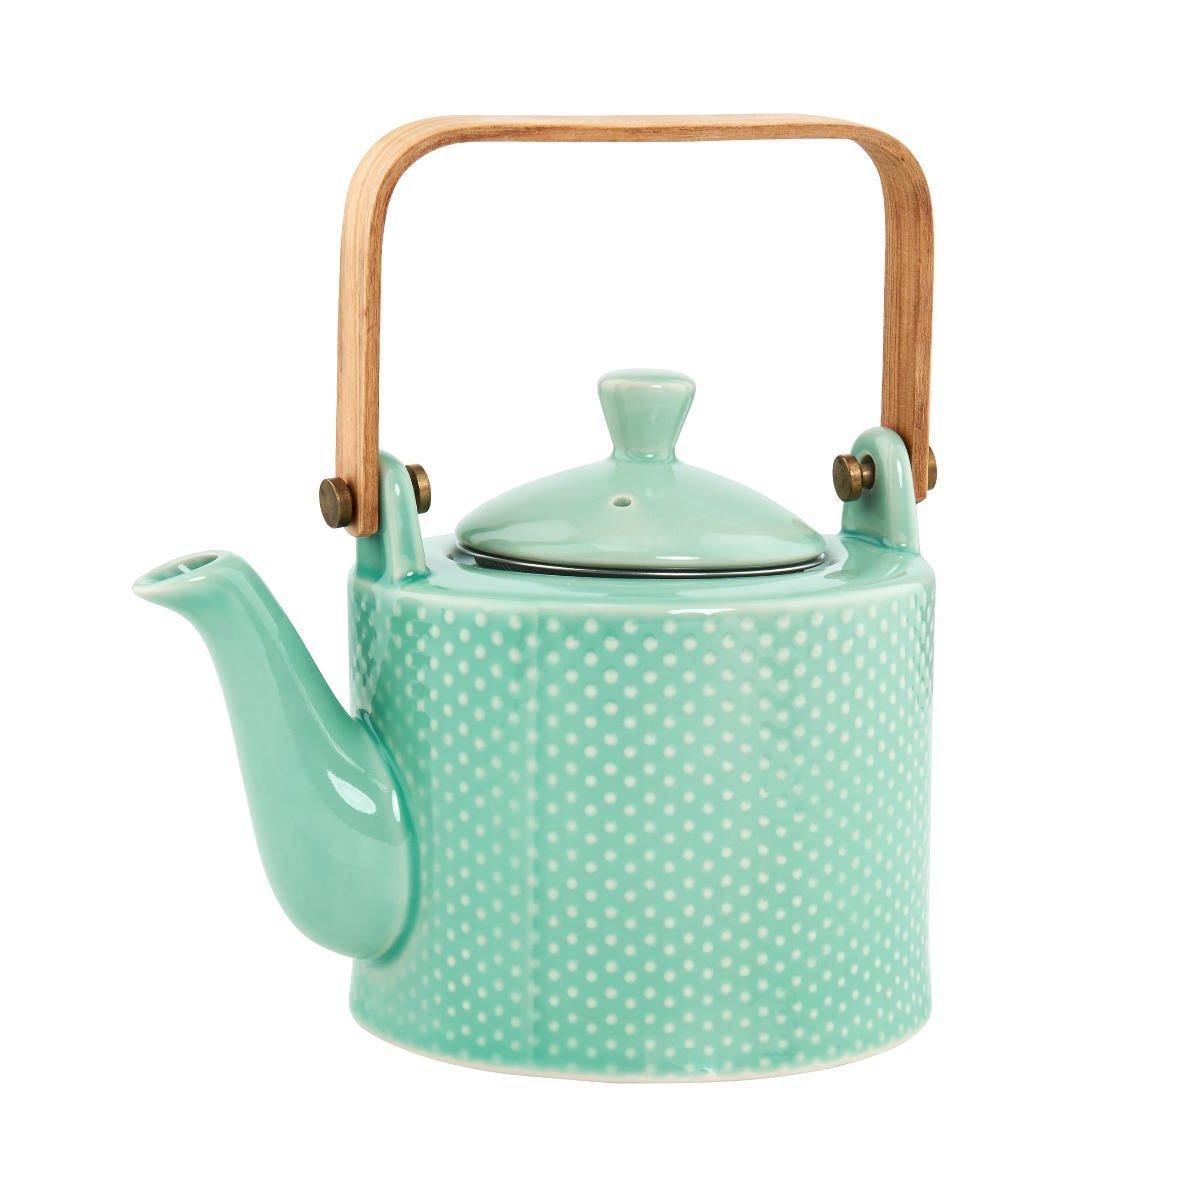 Bild 1 von Teekanne mit Holzgriff